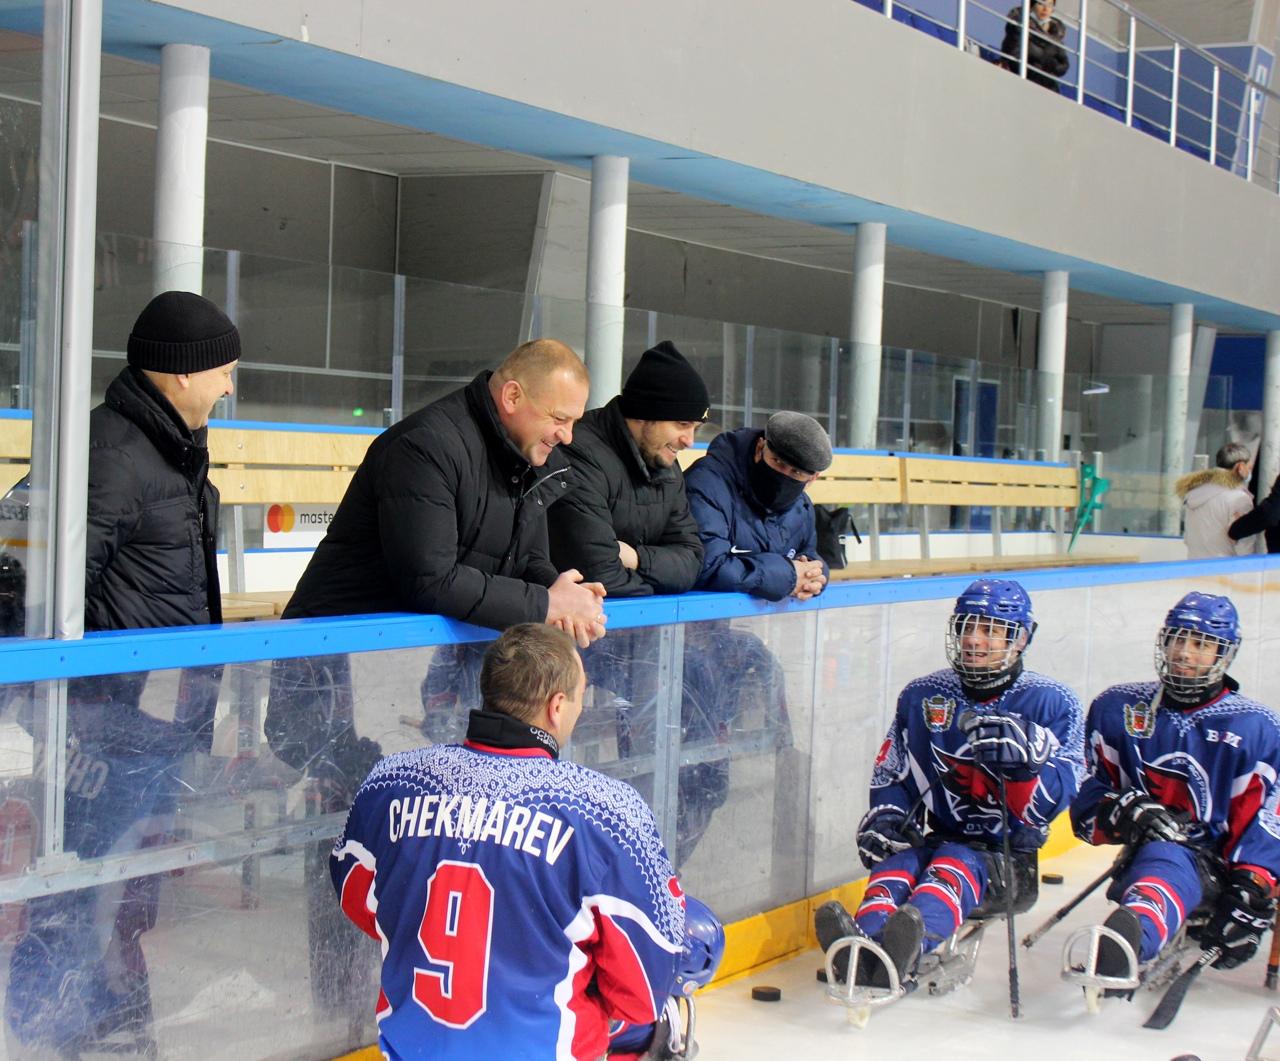 Оренбург примет второй этап чемпионата России по следж-хоккею: министр Салмин встретился с «Ястребами»